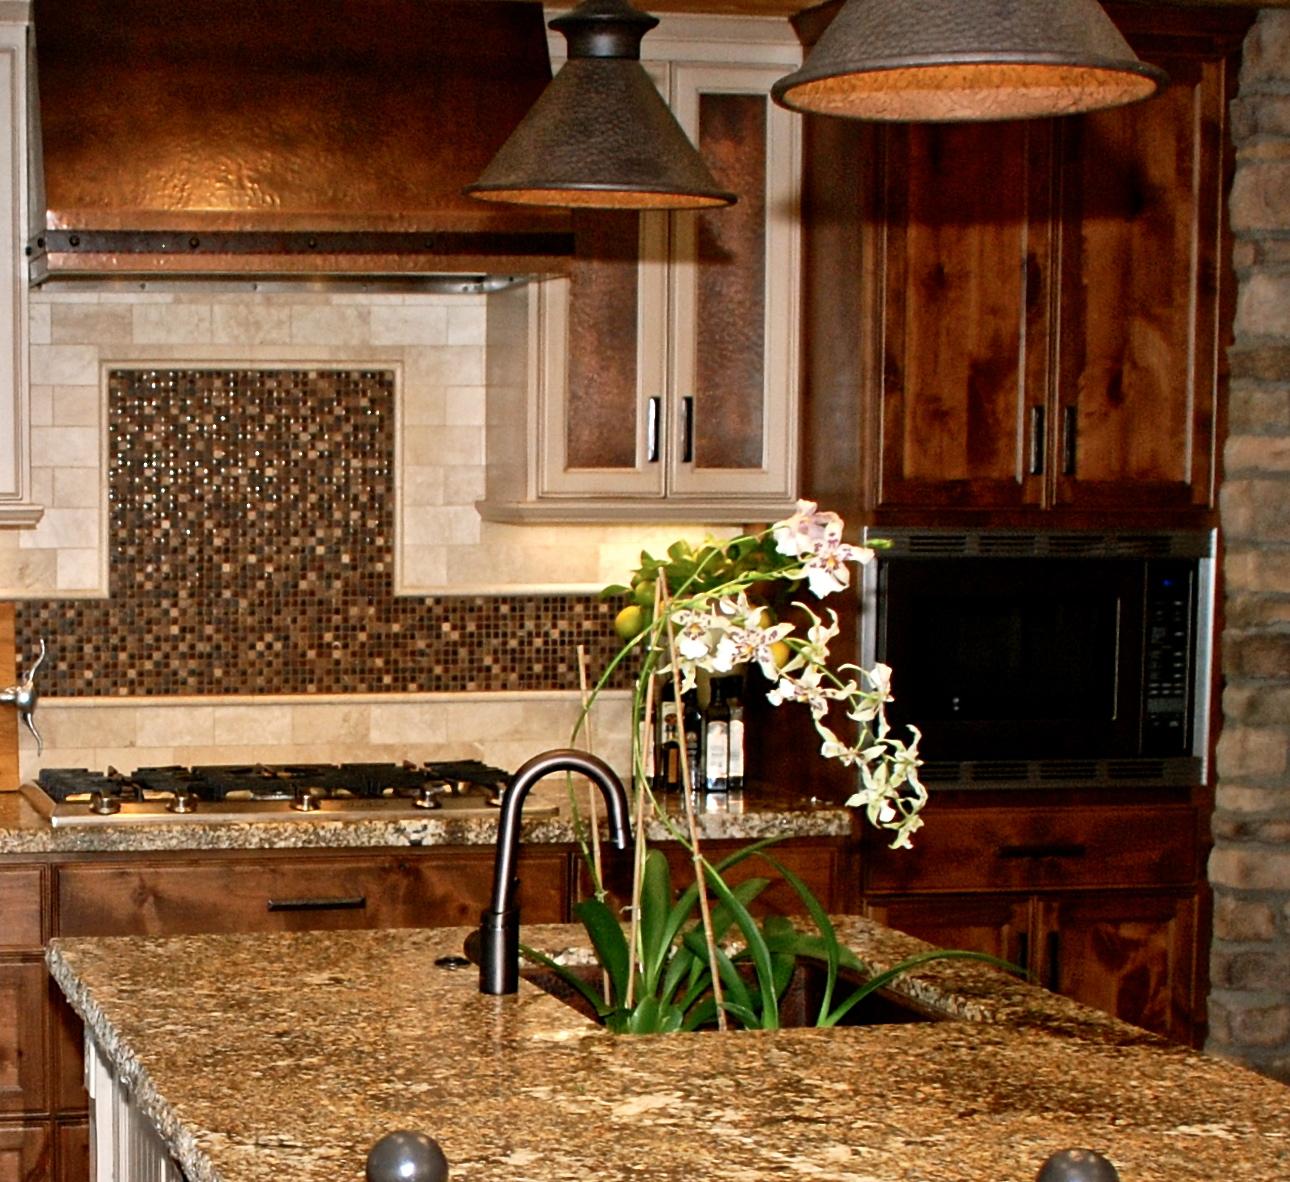 stove backsplash tile design and copper range